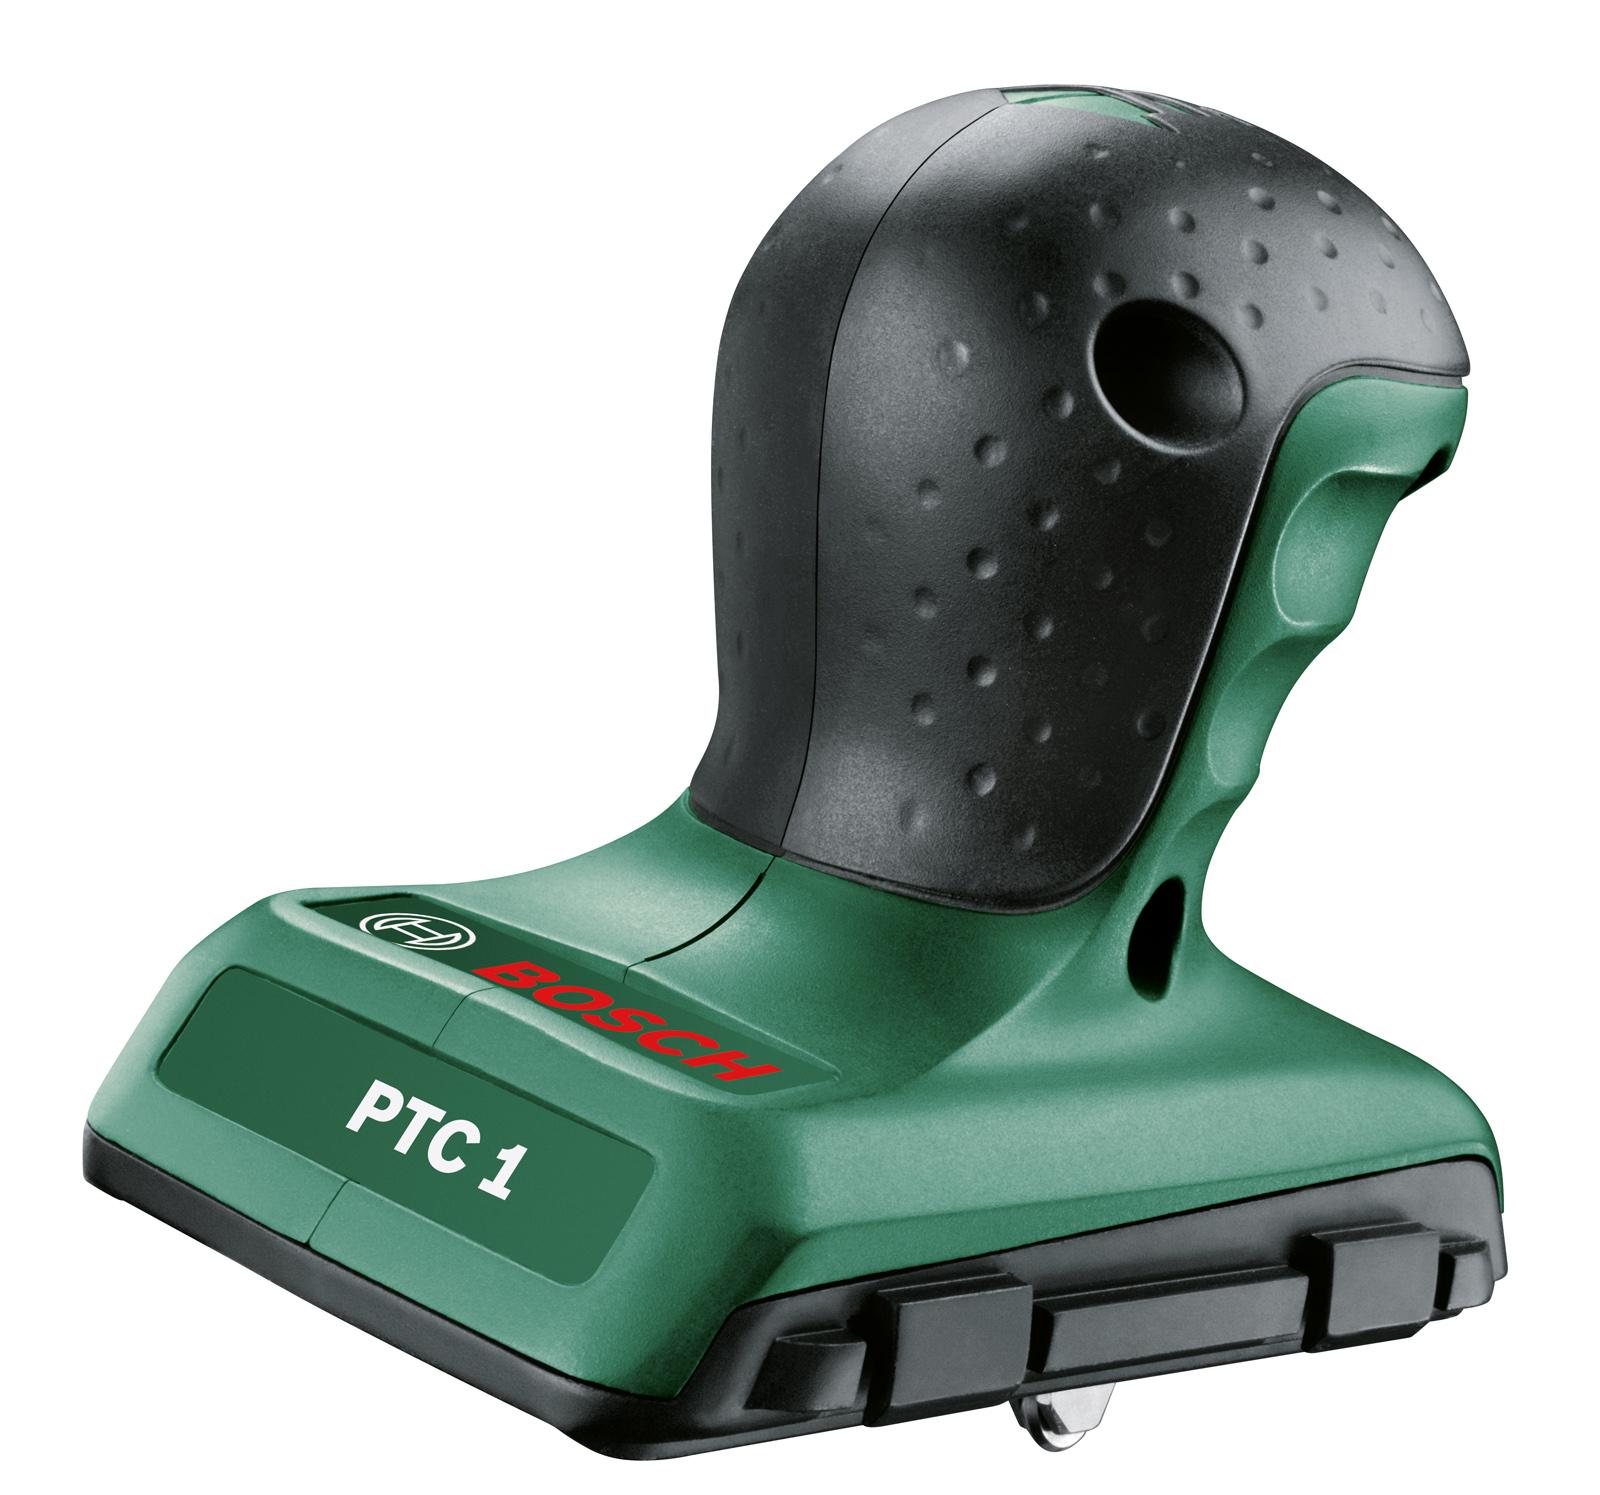 Купить Плиткорез Bosch Ptc 1 плиткорез (0.603.b04.200)